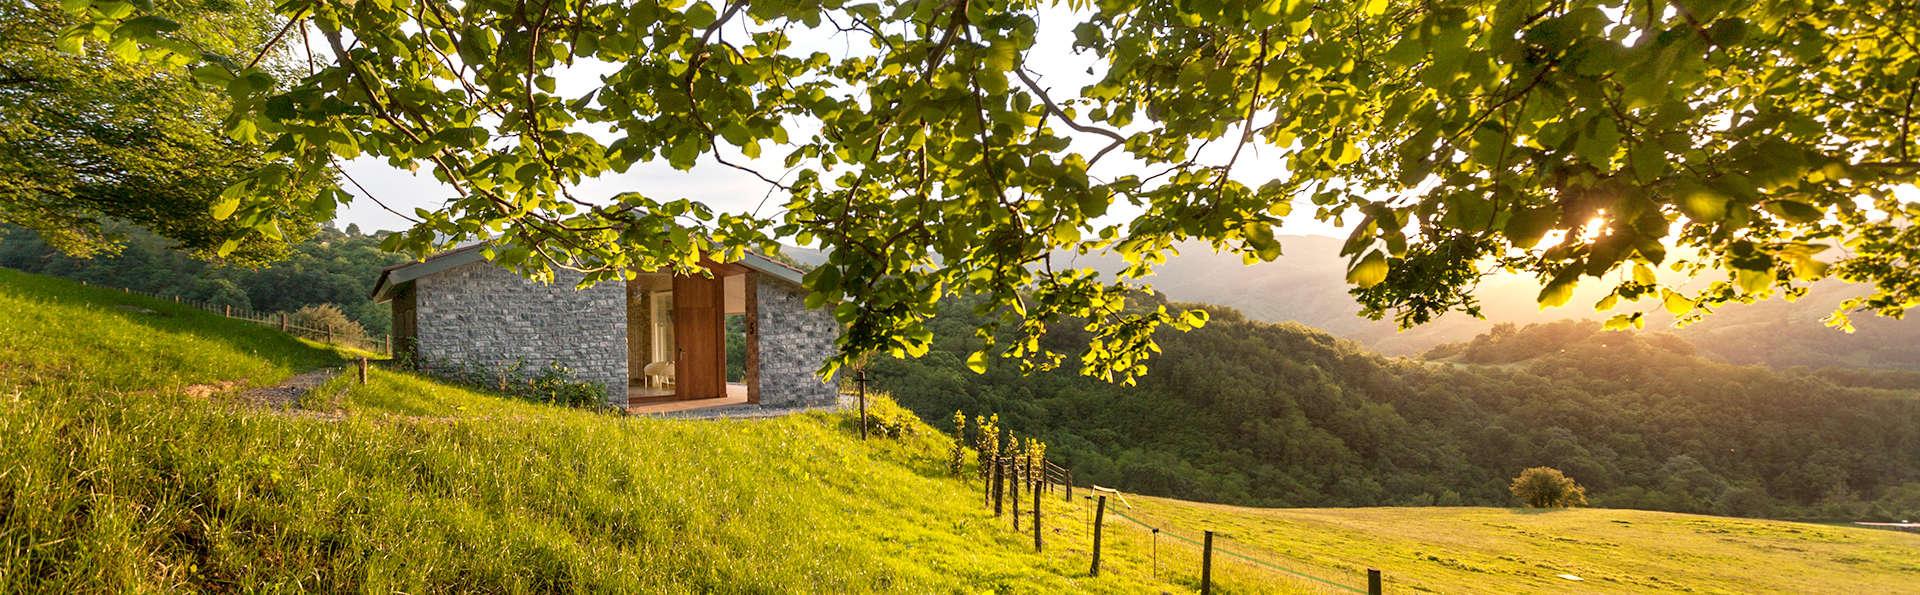 La nature et l'aire pure dans une cabane design